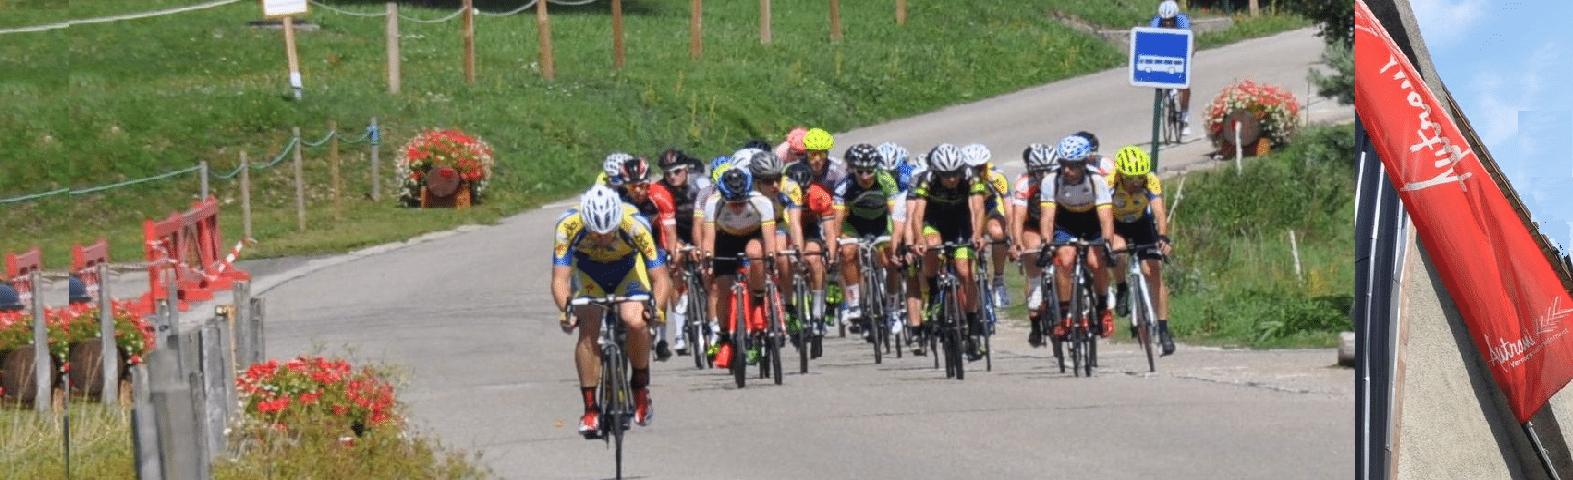 GP VEL AUTRANS : une belle journée de cyclisme dans le Vercors